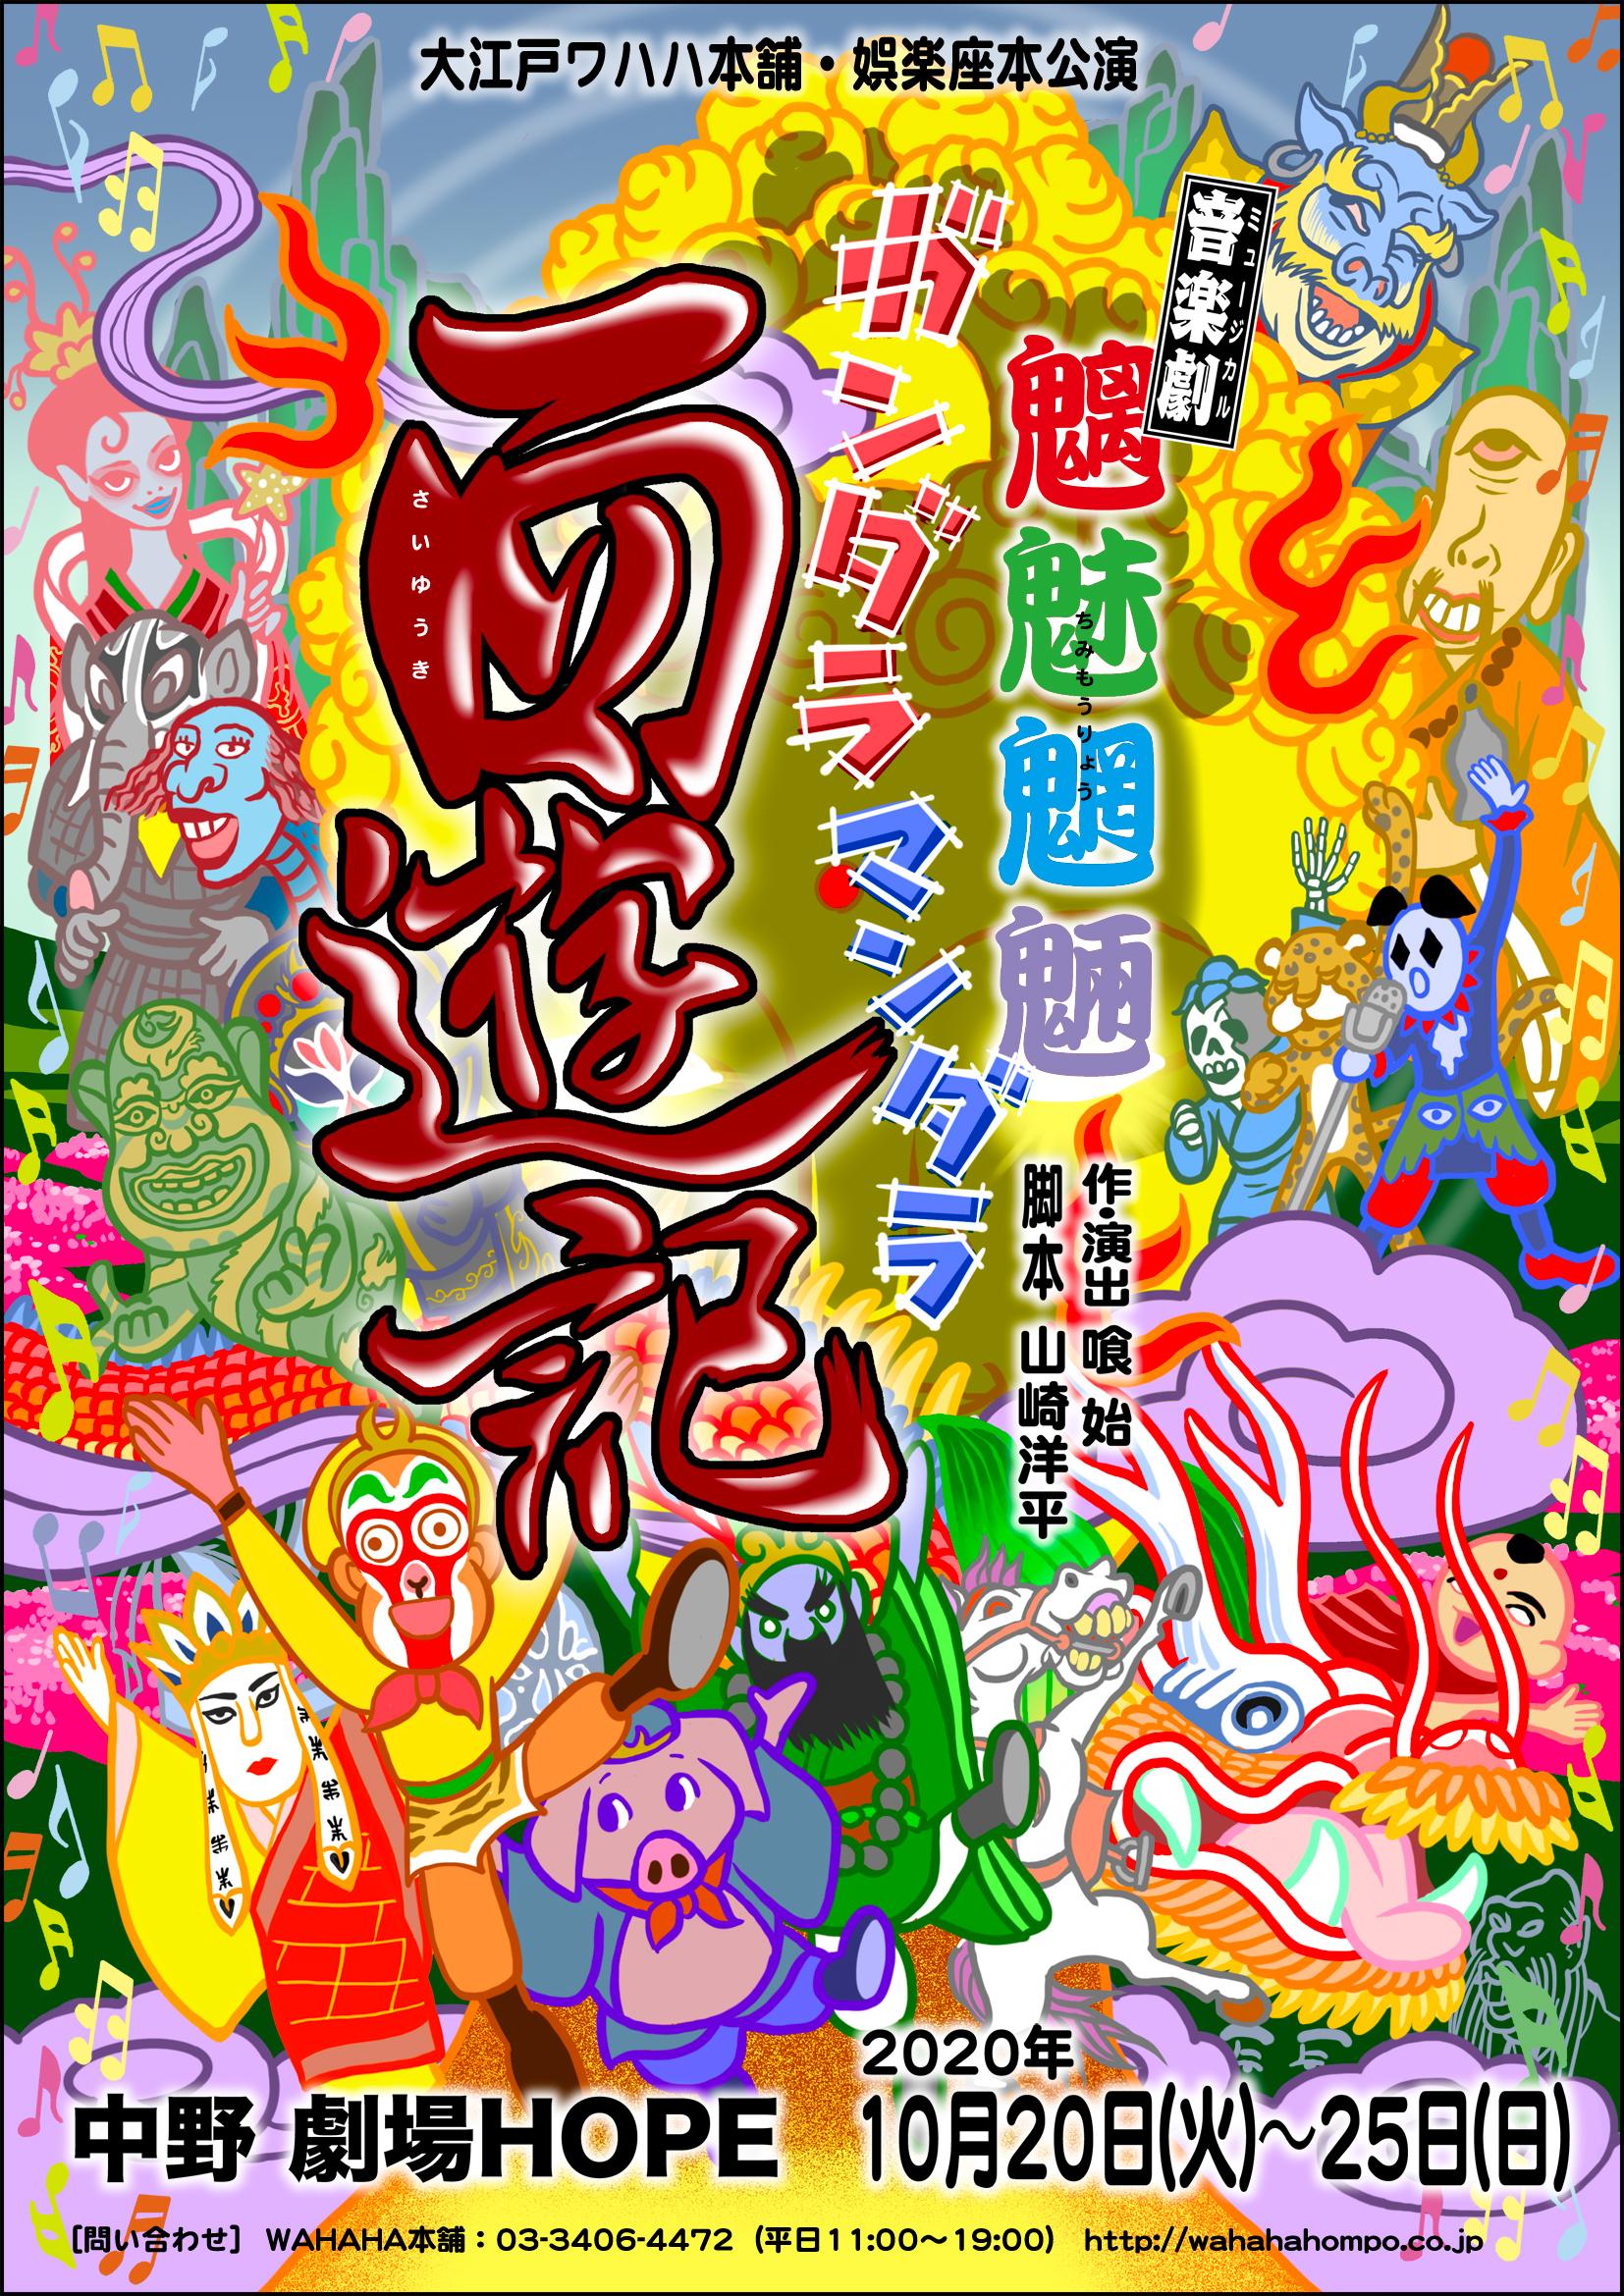 《娯楽座次回公演》ミュージカル「魑魅魍魎ガンダラマンダラ西遊記」